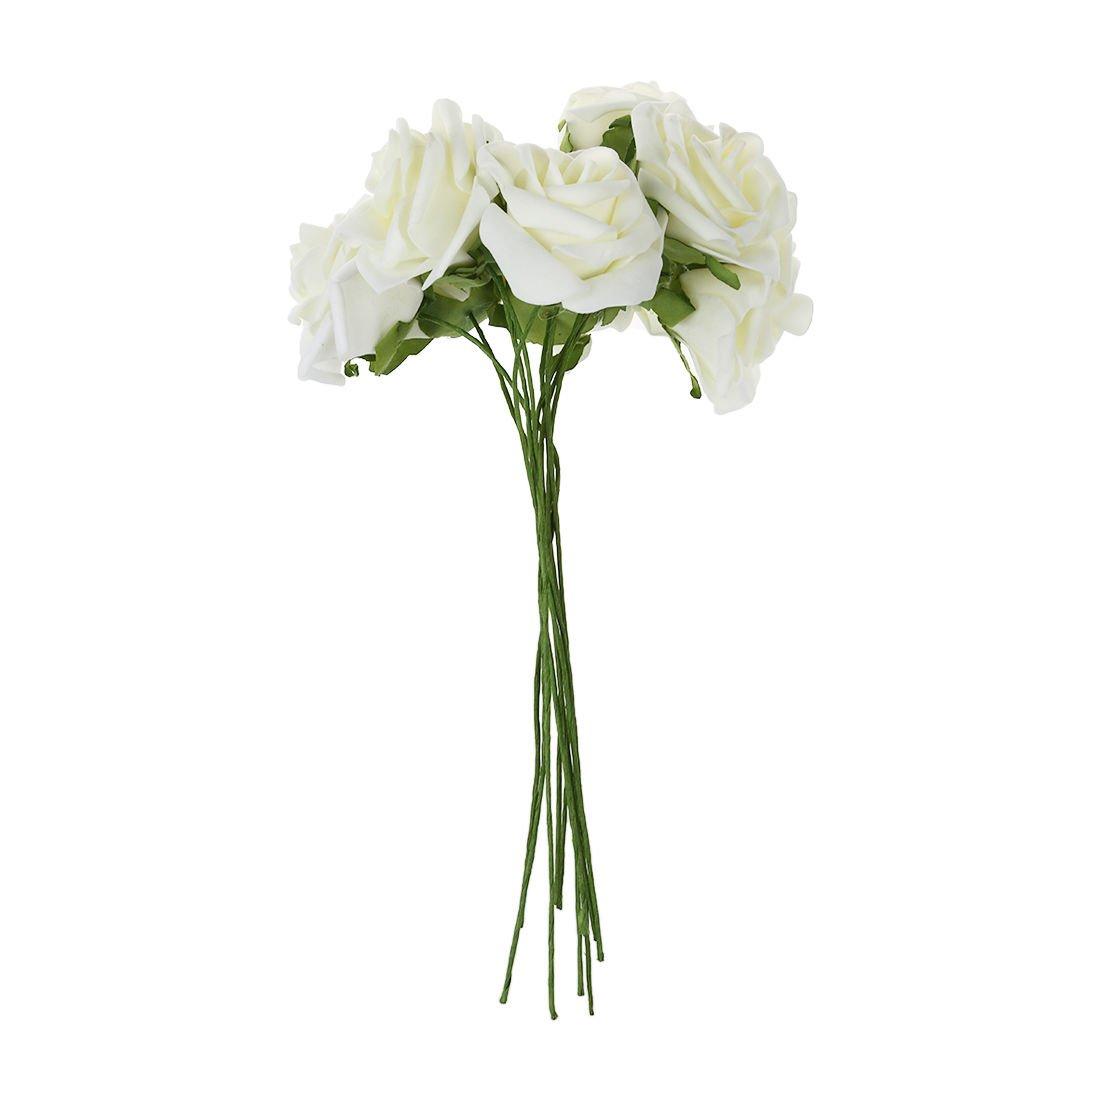 Foam flowers amazon sodialr ivory artificial foam rose bouquet 10 pe floral flowers bridal wedding decor mightylinksfo